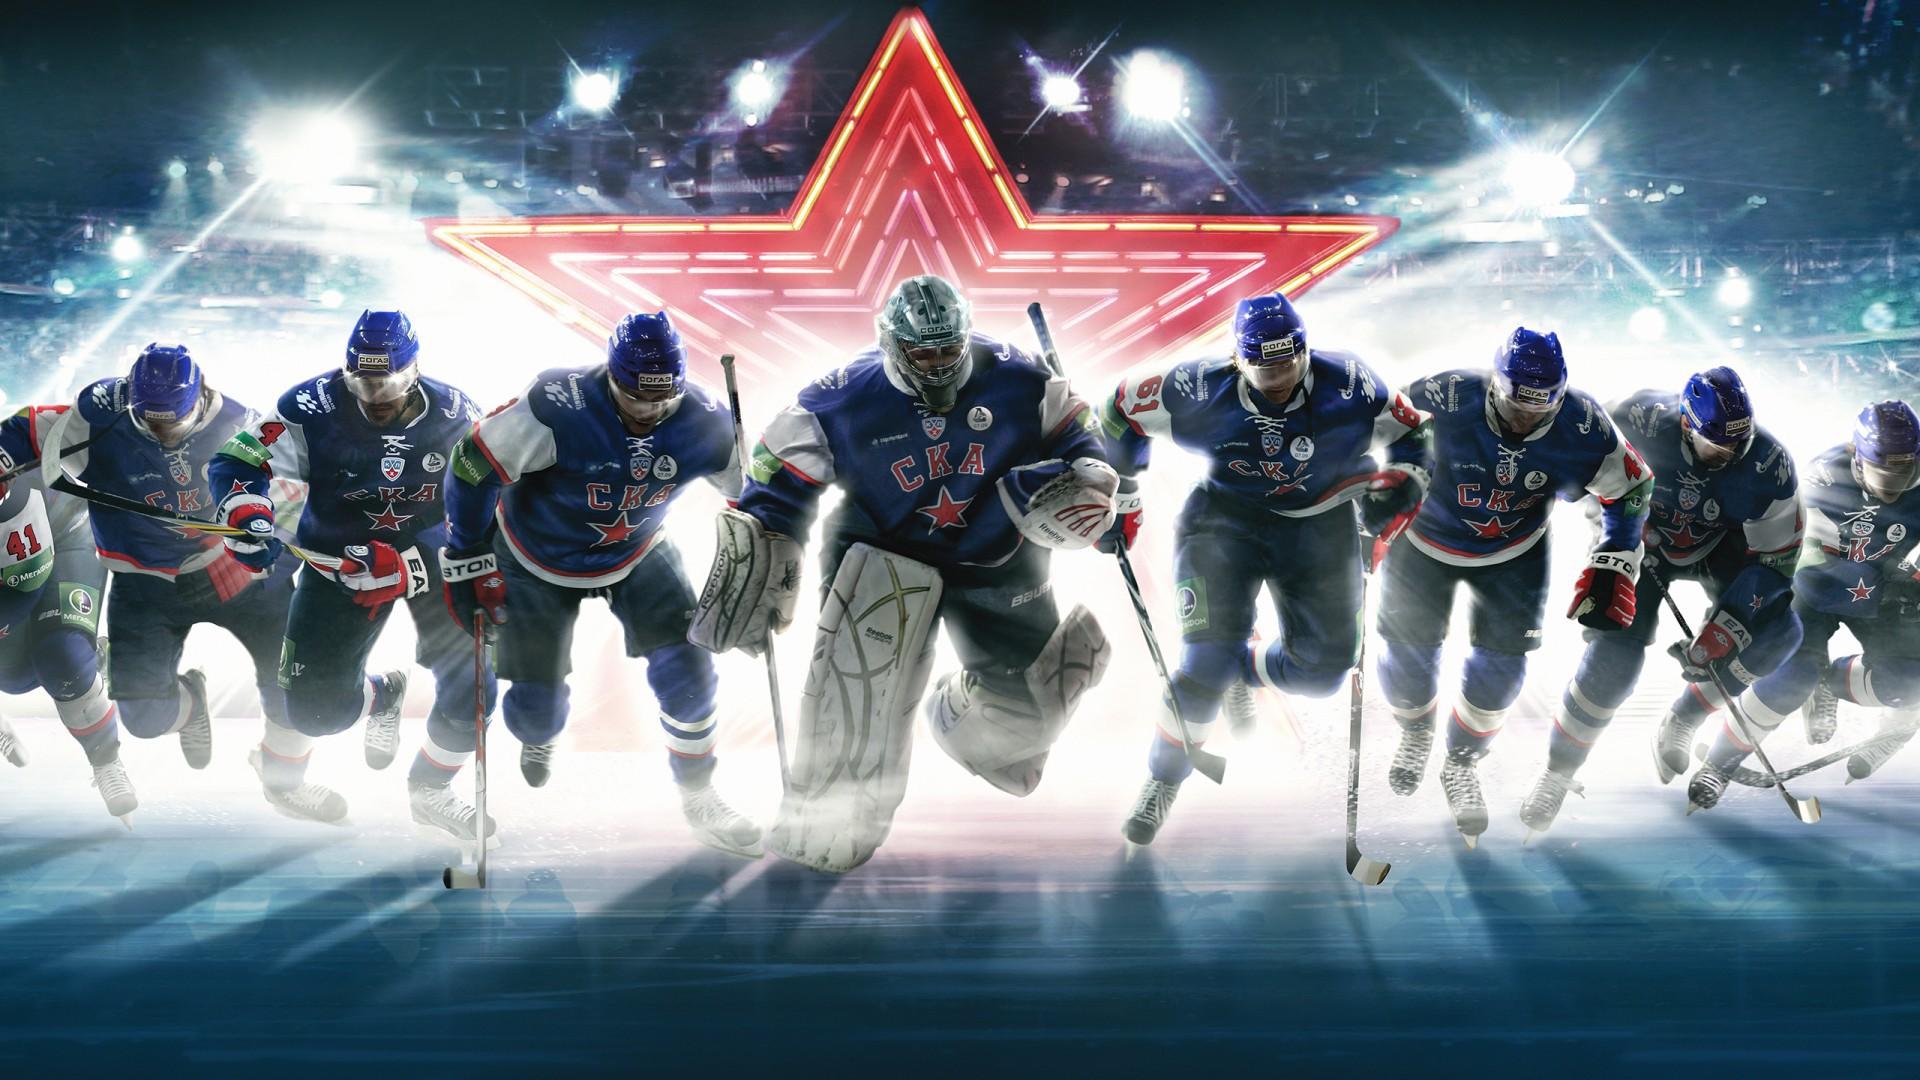 хоккейные картинки на рабочий стол